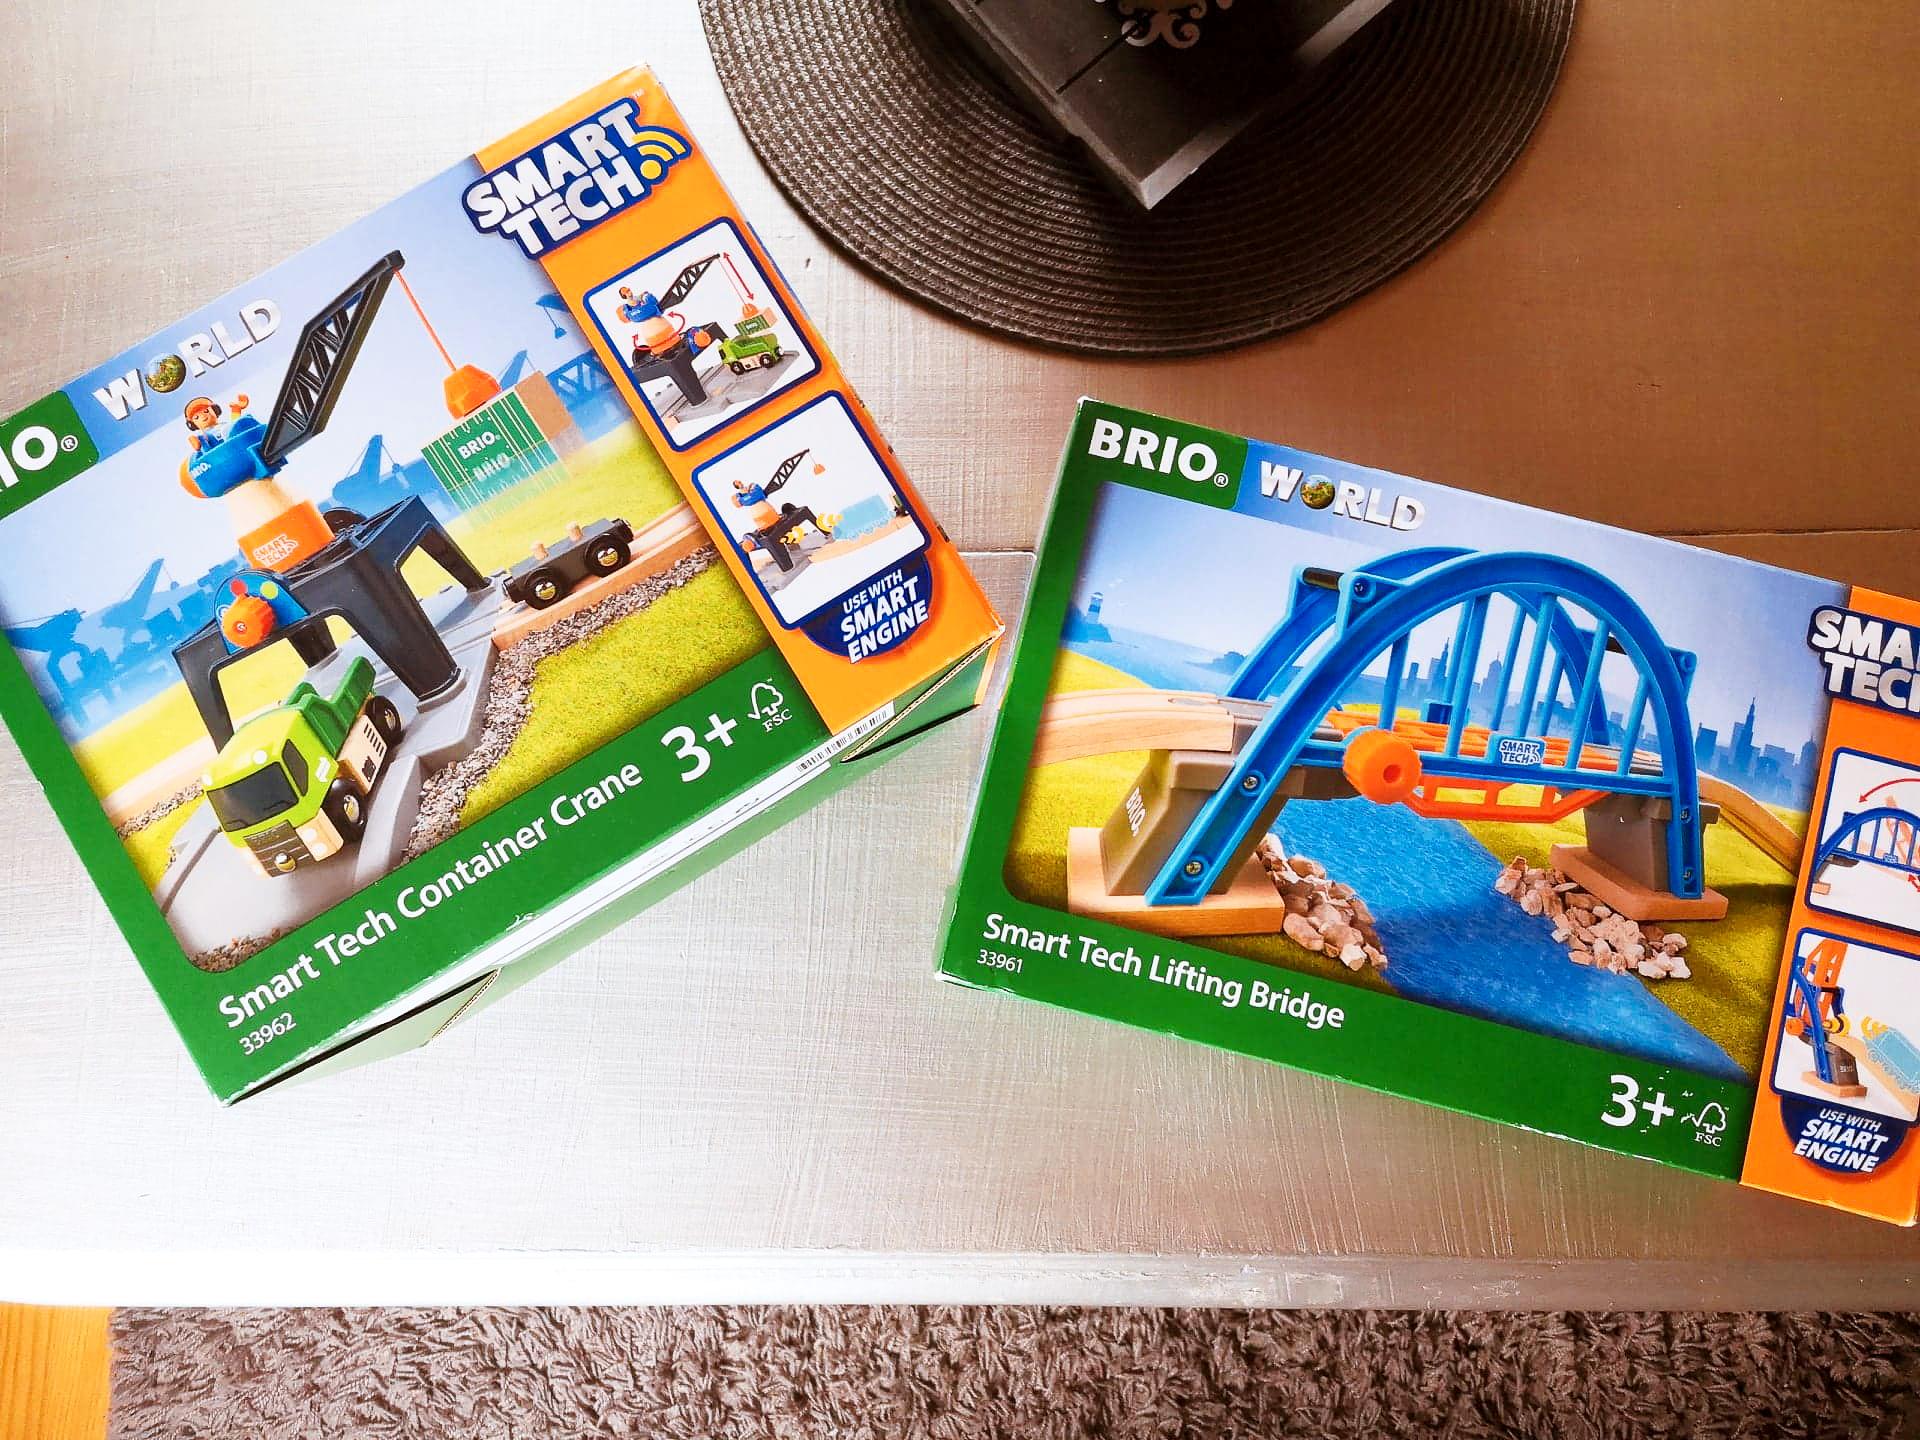 Brio smart tech amabassadeur pont levant grue de chargement conteneurs - Buki 502164 Mega Botsballen